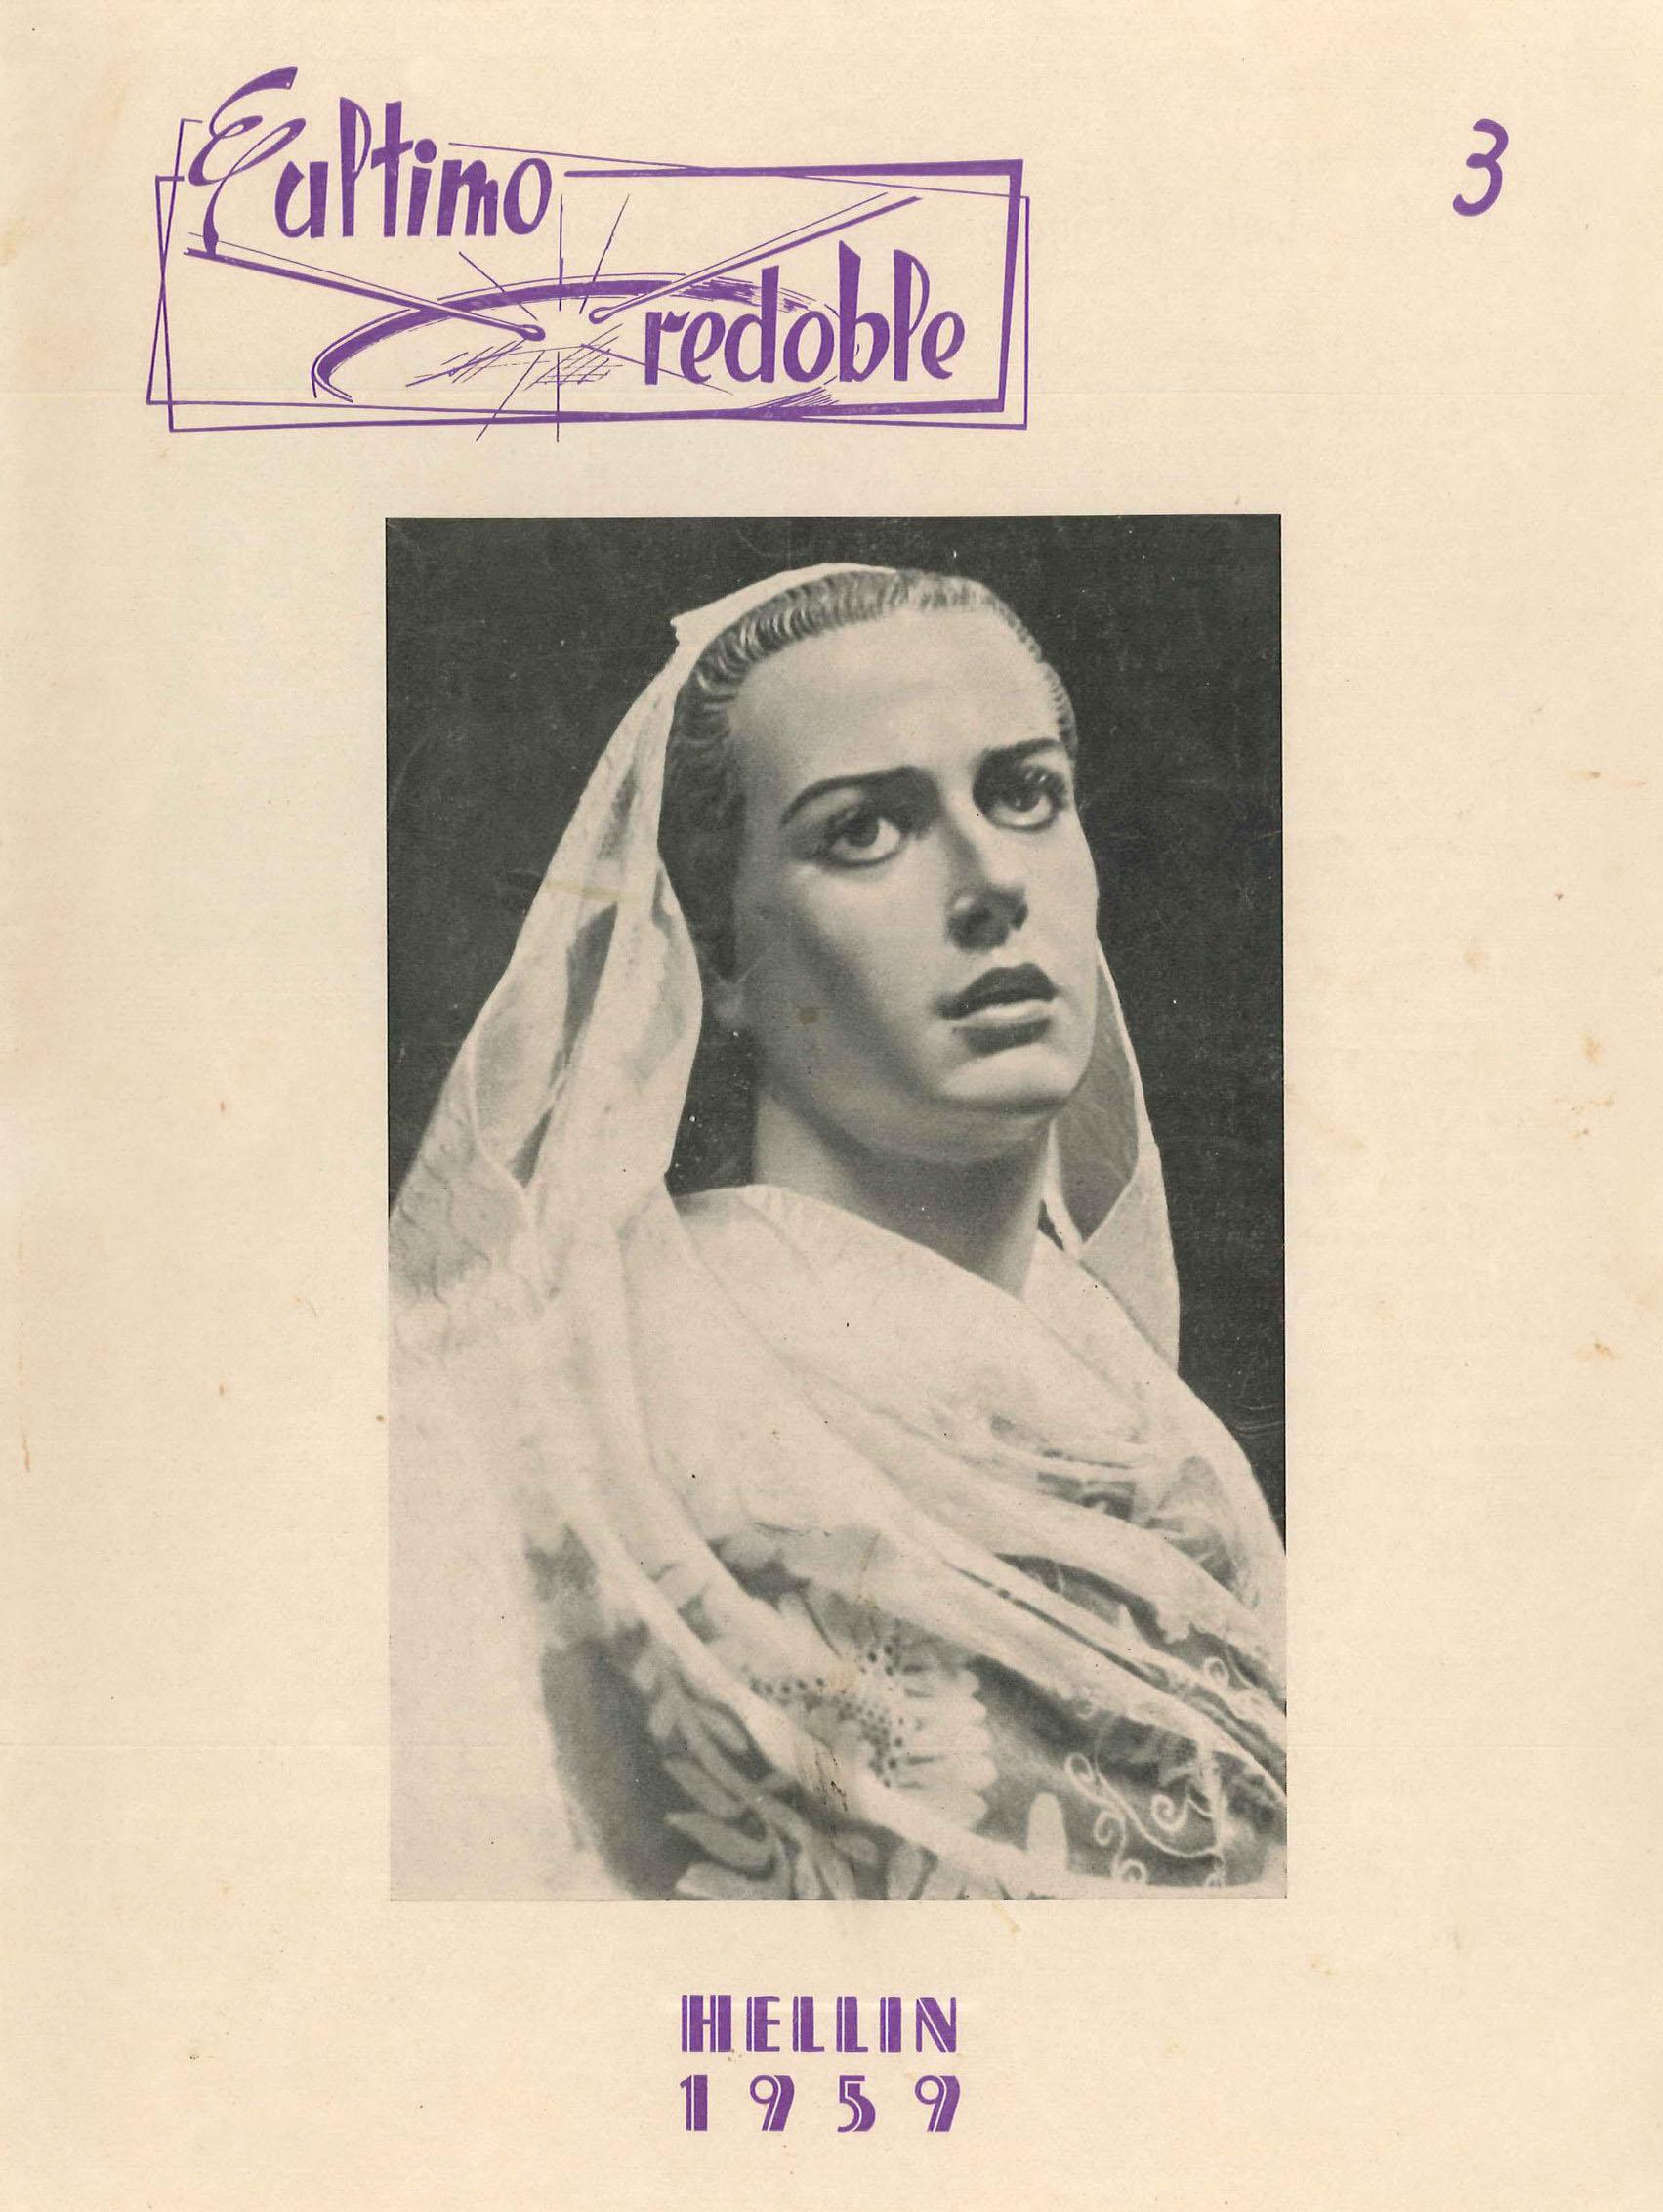 El último redoble - Boletín quincenal de información de la Federación de Hermandades - 1959 - n3